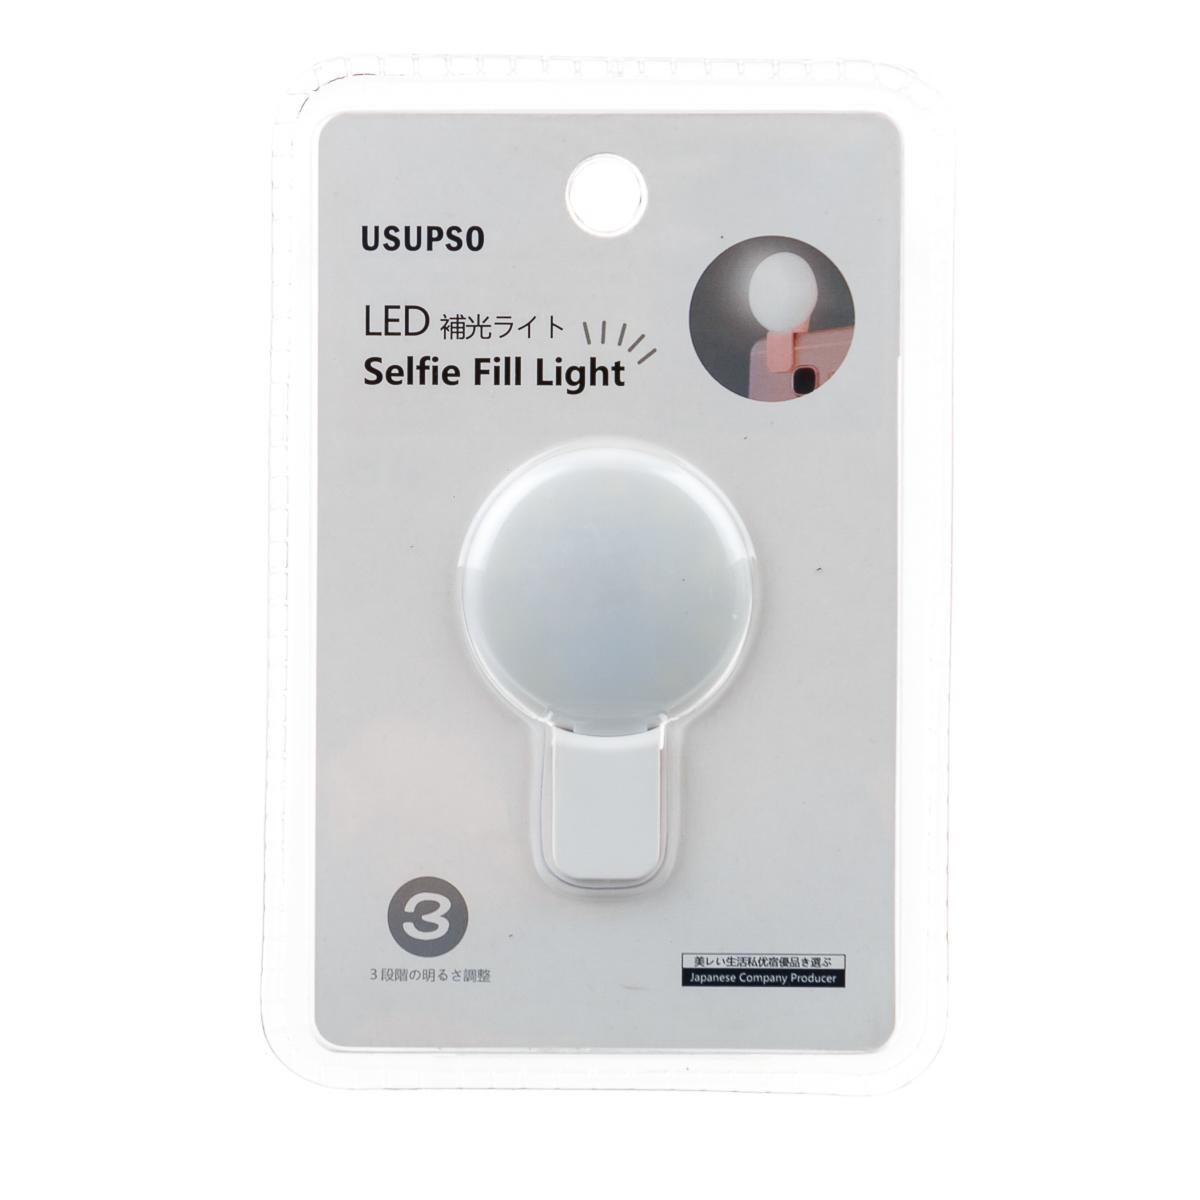 Селфи-лайт для телефона 3 уровня освещенности 6 см